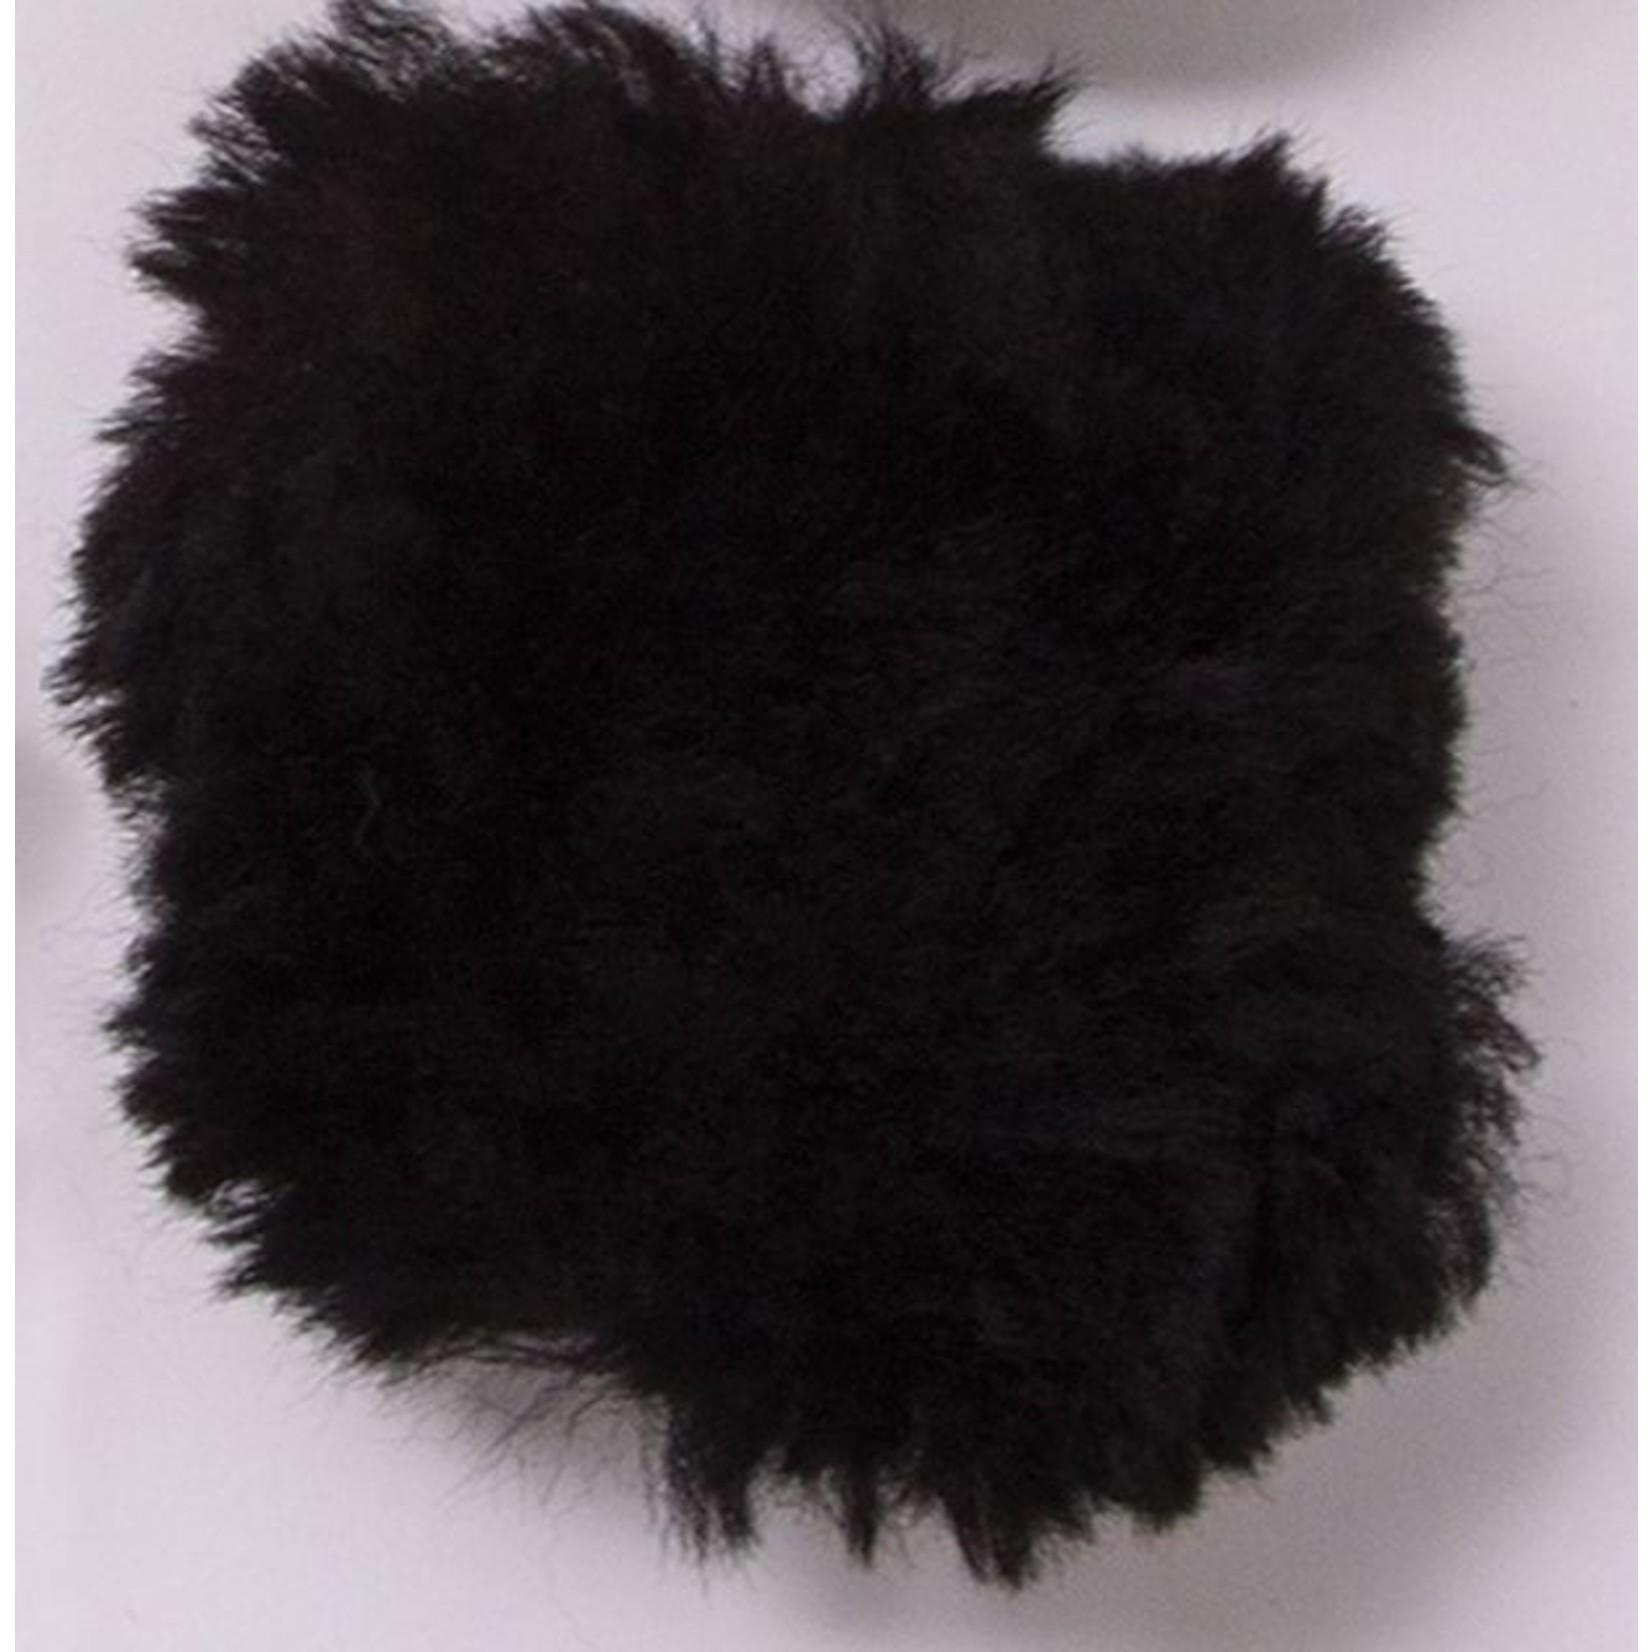 Dura-Tech Fleece Ear Plugs - Black